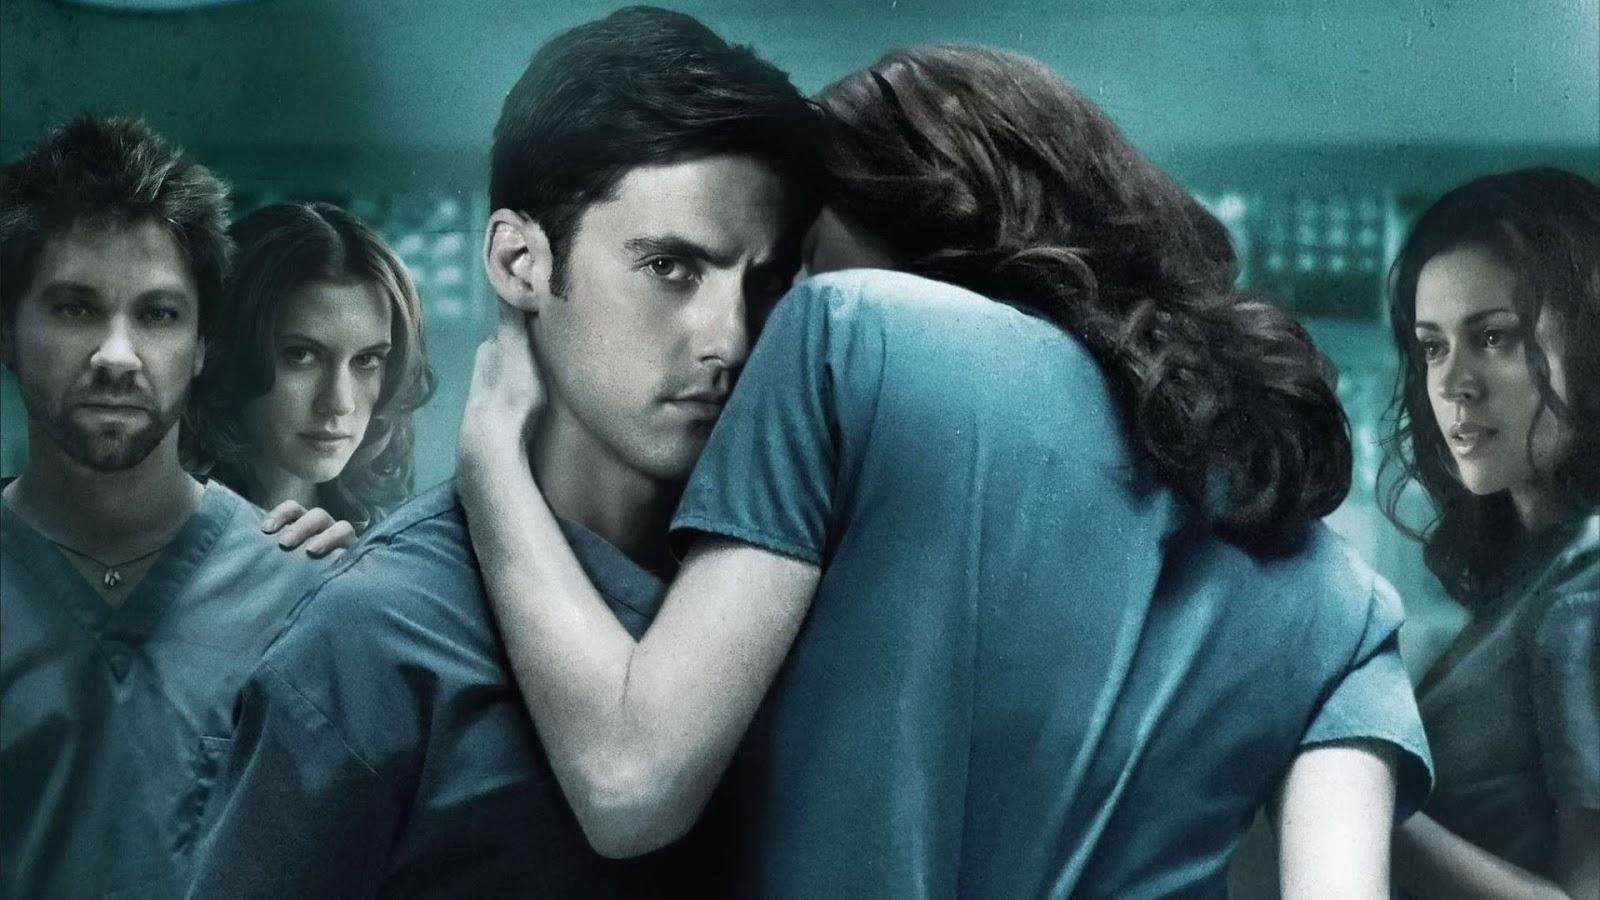 Juegos Criminales (HD 720P y español Latino 2008) poster box code